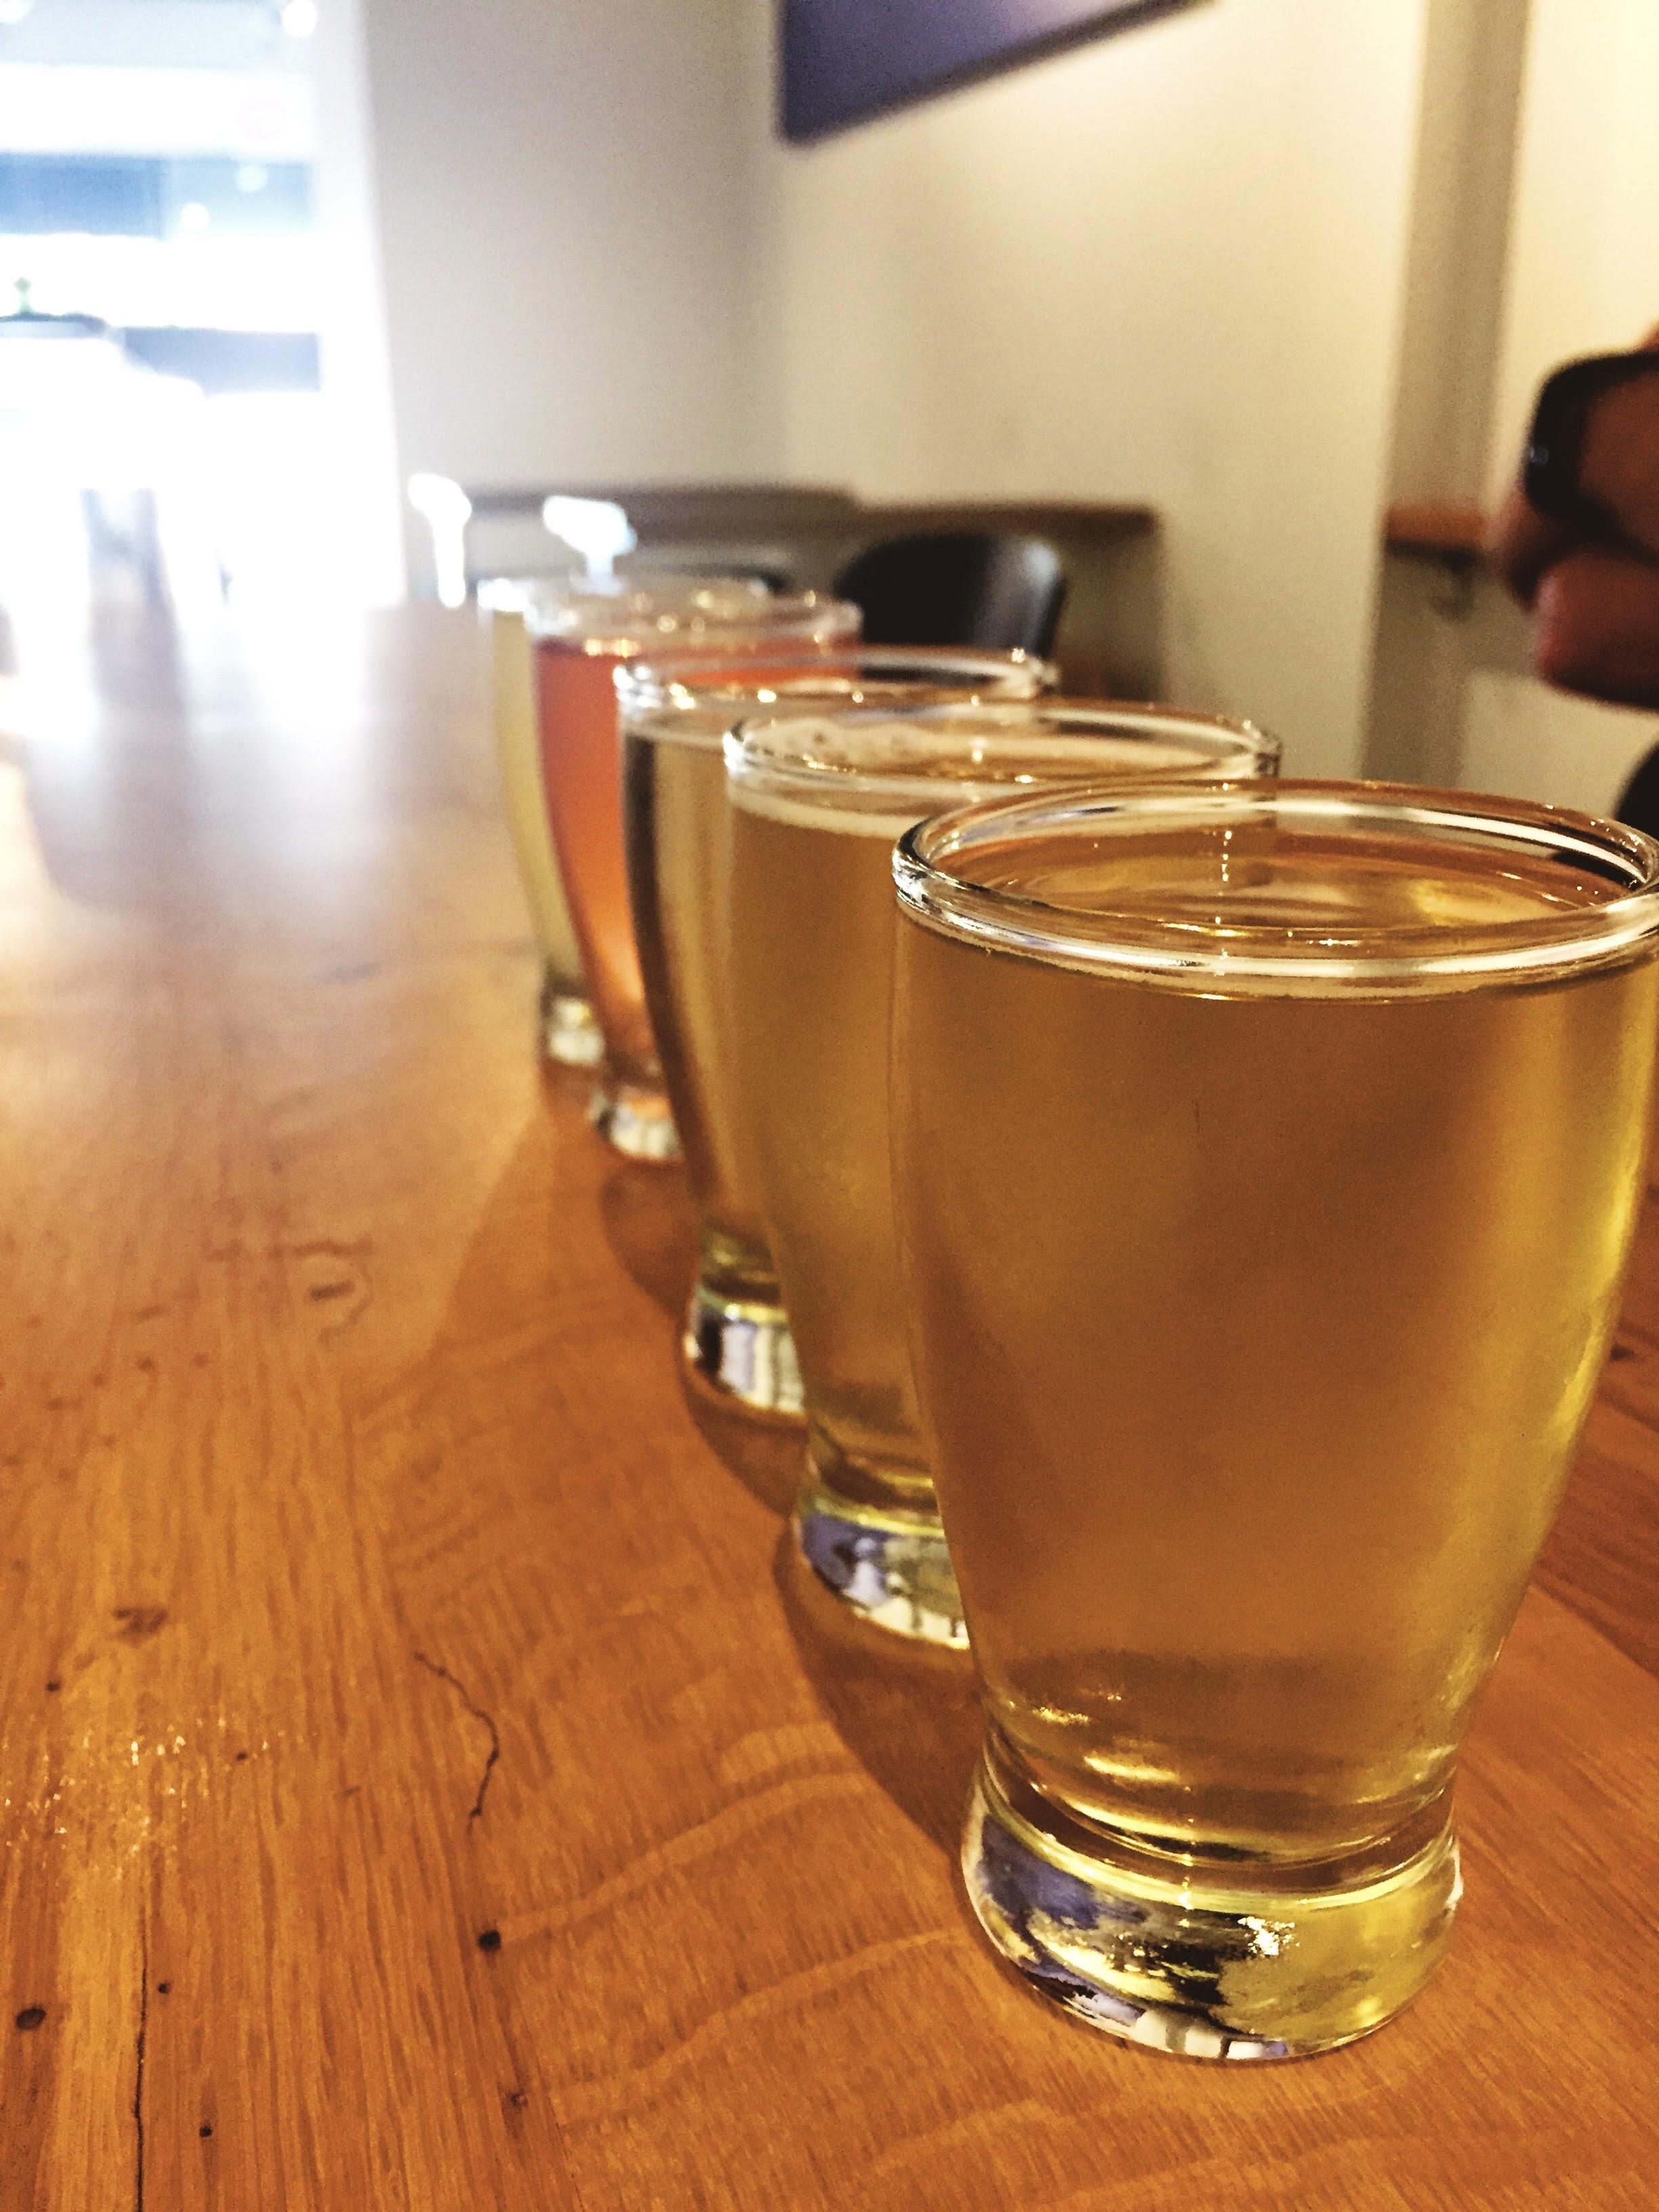 Hard cider at leavengood's